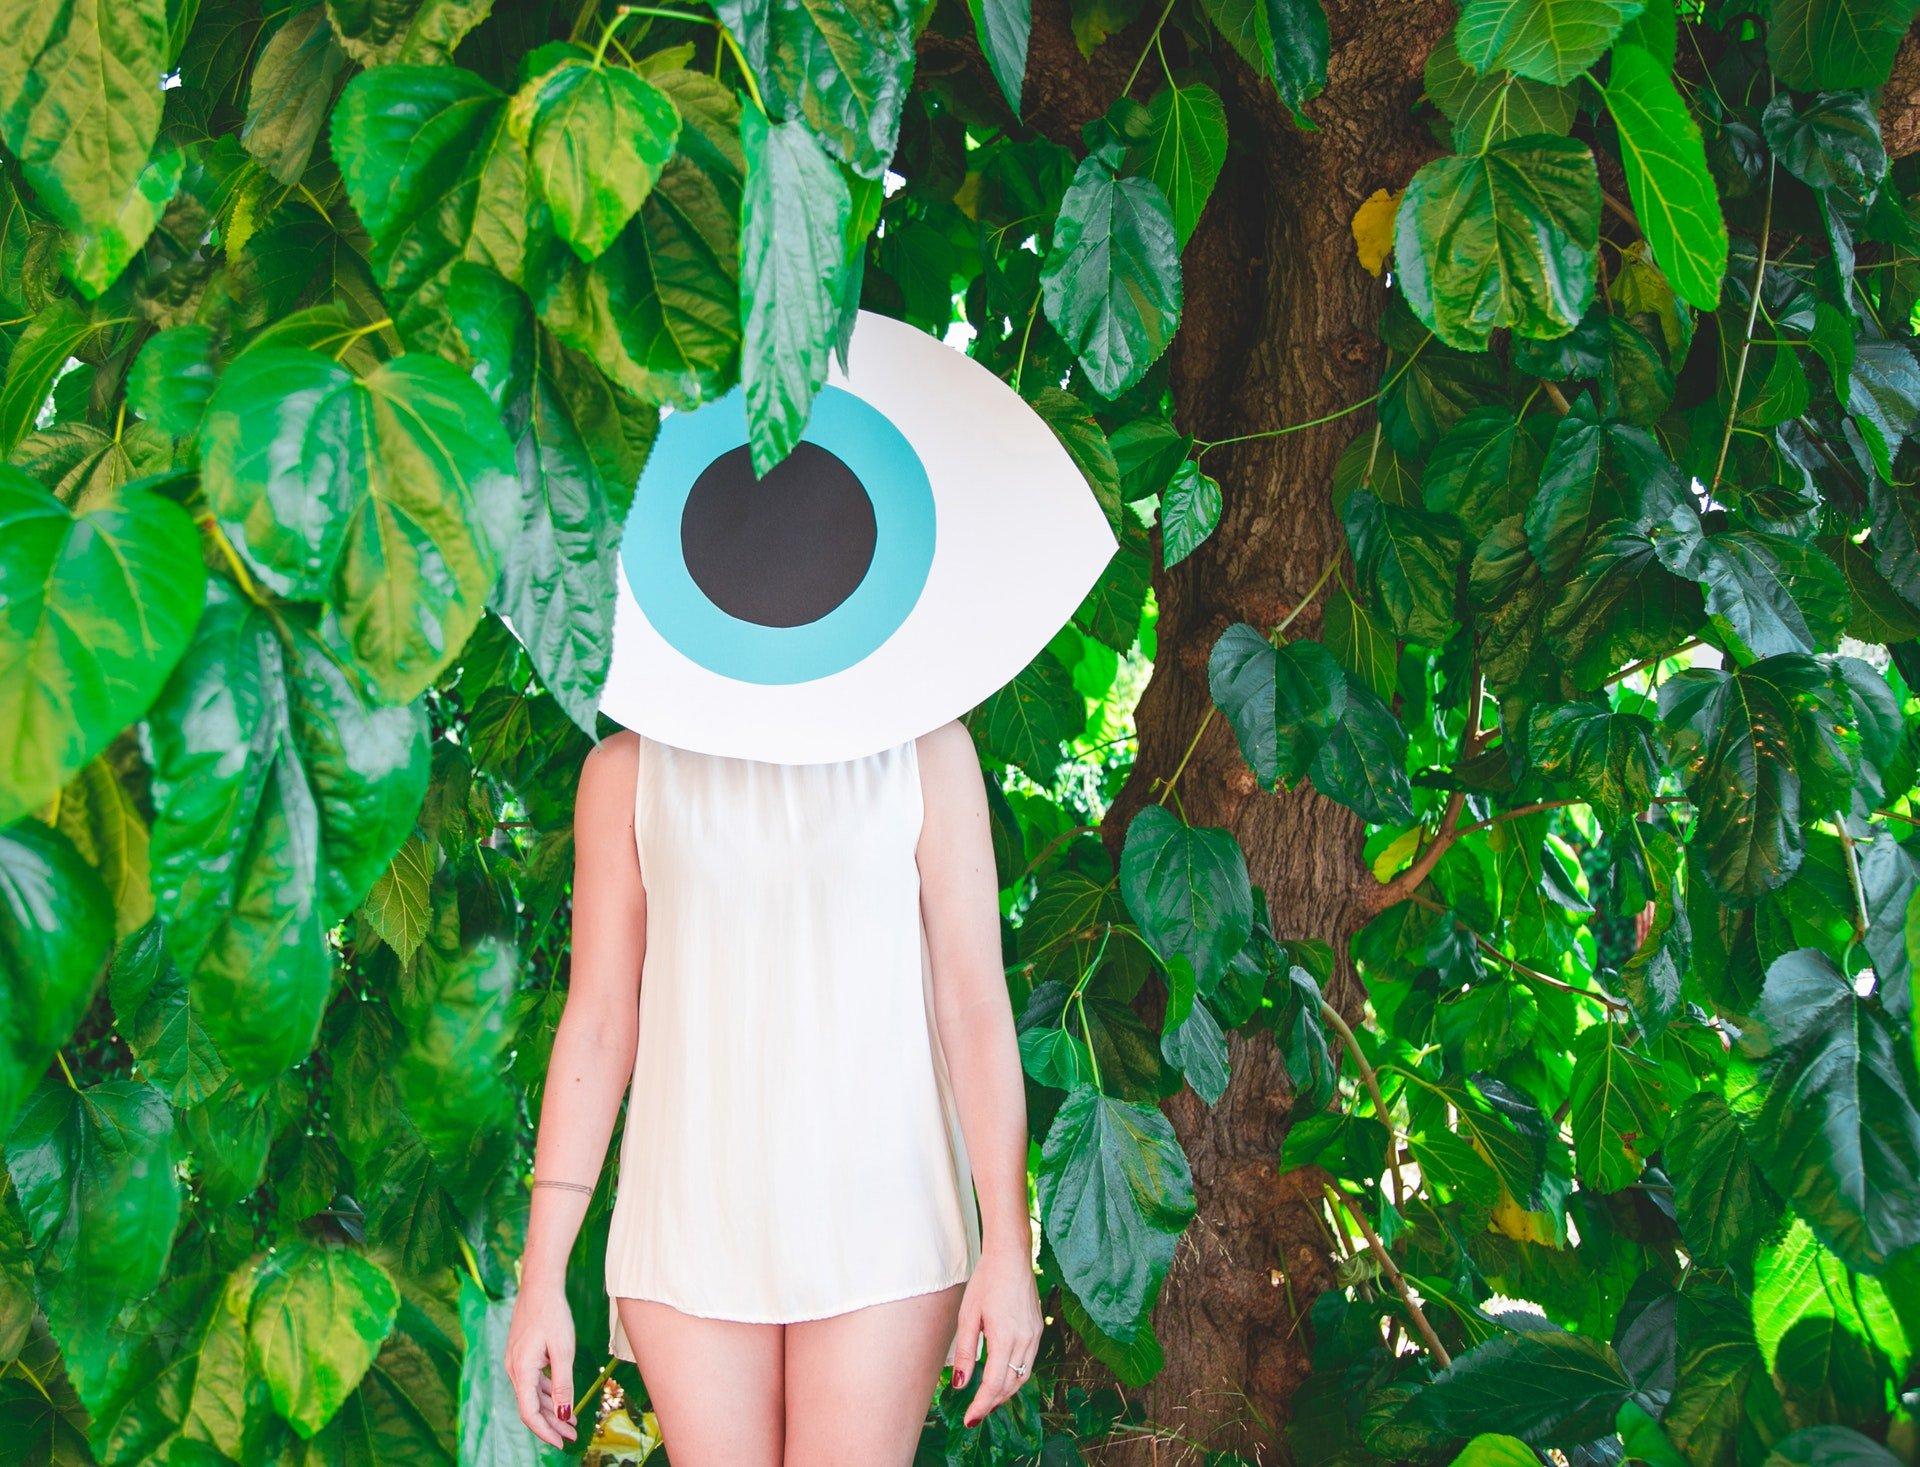 淡水眼科診所、醫院醫療評價一覽表 eye beauty woman standing near green leafed plants